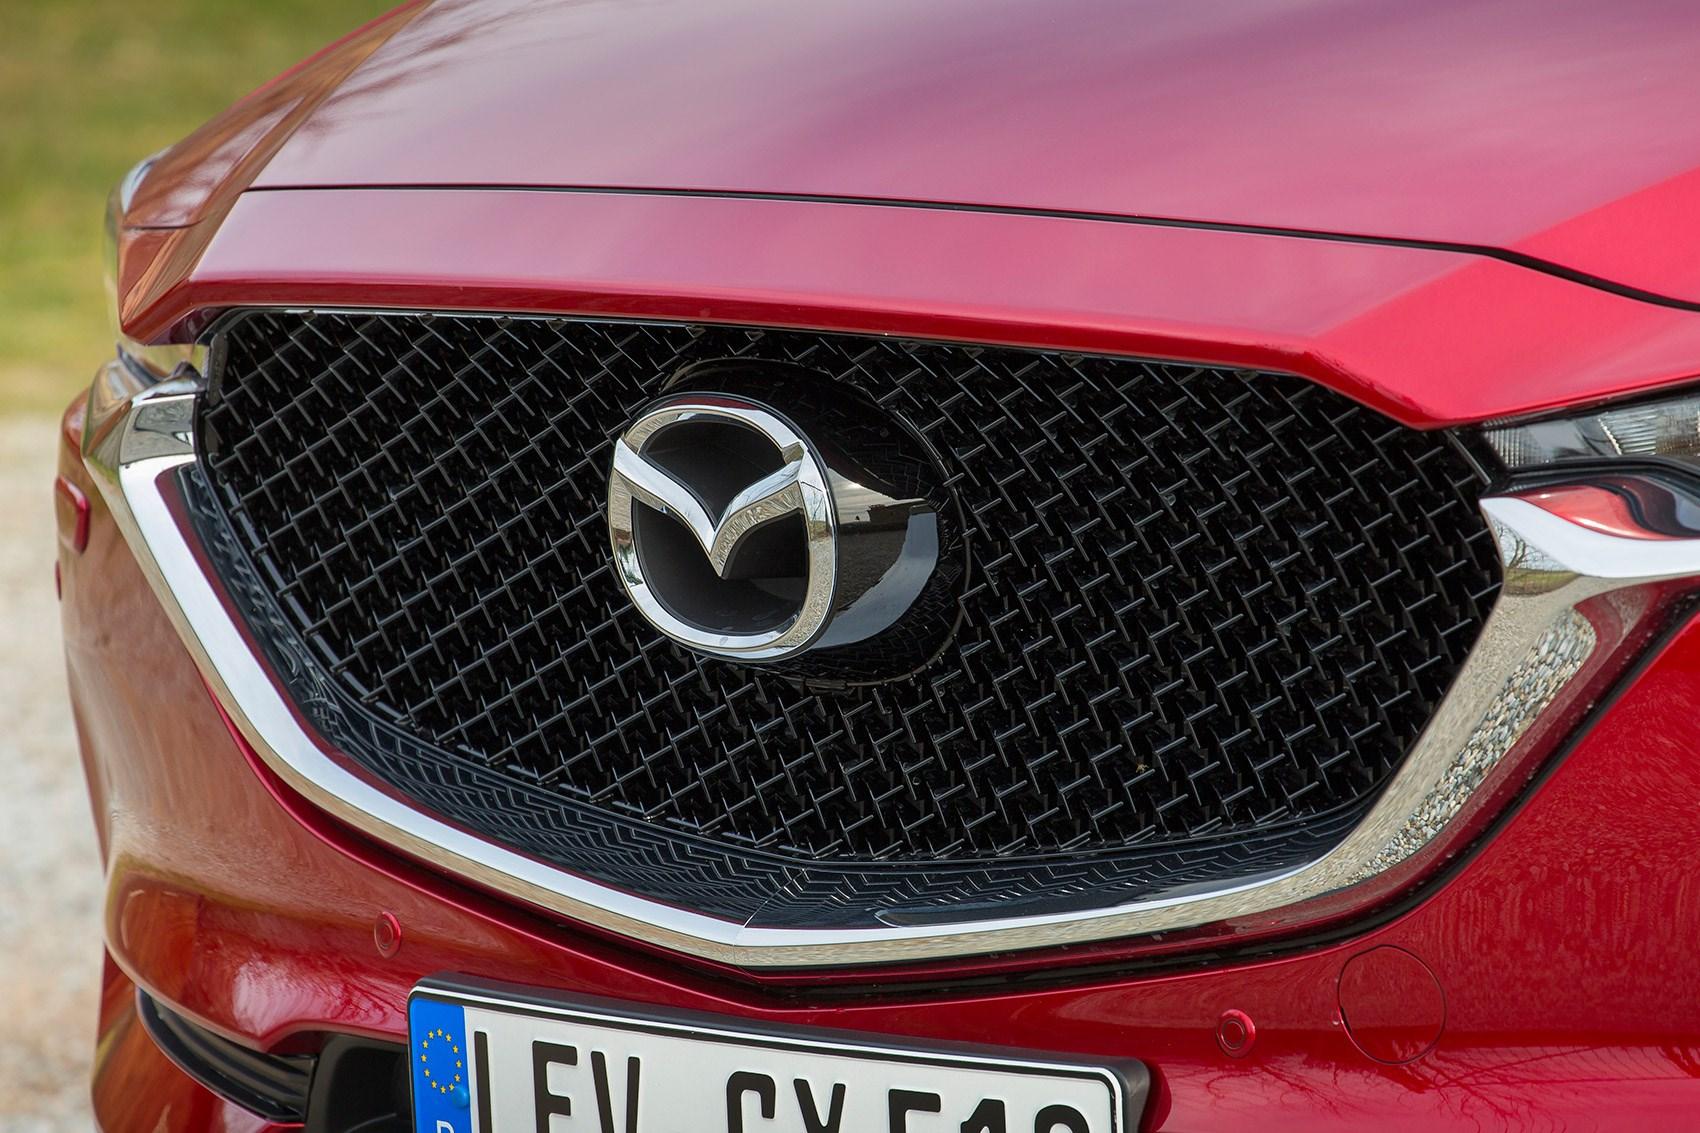 Mazda CX-5 grille